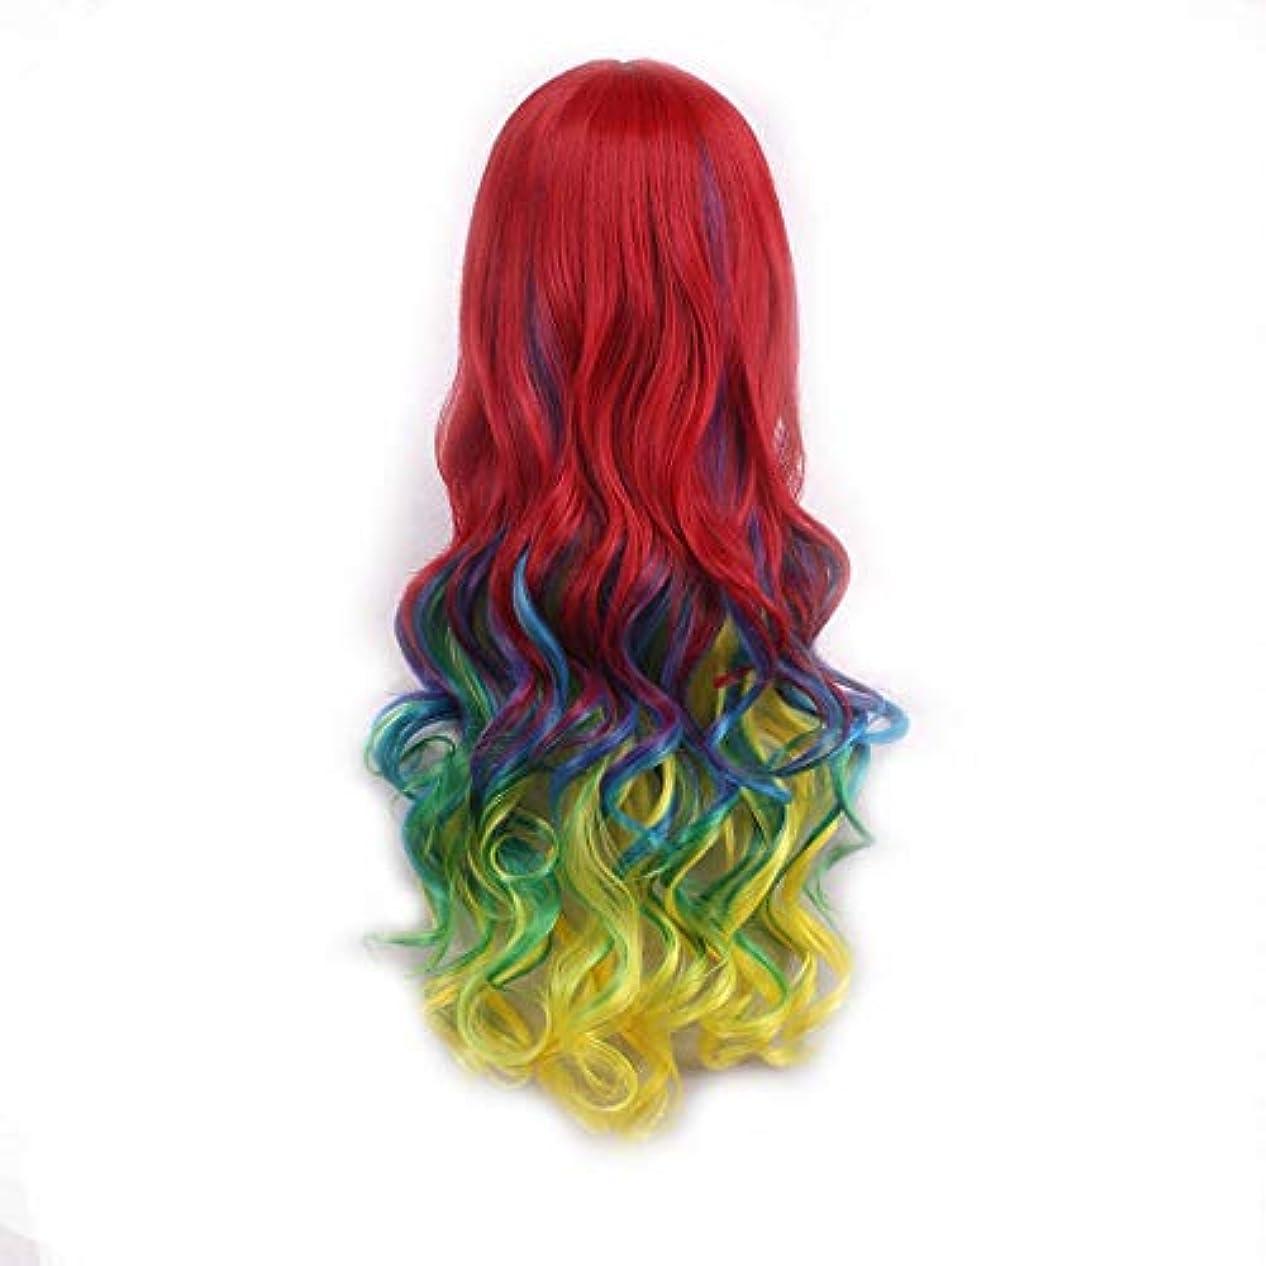 チューリップ東ティモール起きてウィッグキャップウィッグロングファンシードレスストレート&カールウィッグレディース高品質な合成色の髪のコスプレ高密度ウィッグ女性と女の子 (Color : Curls)